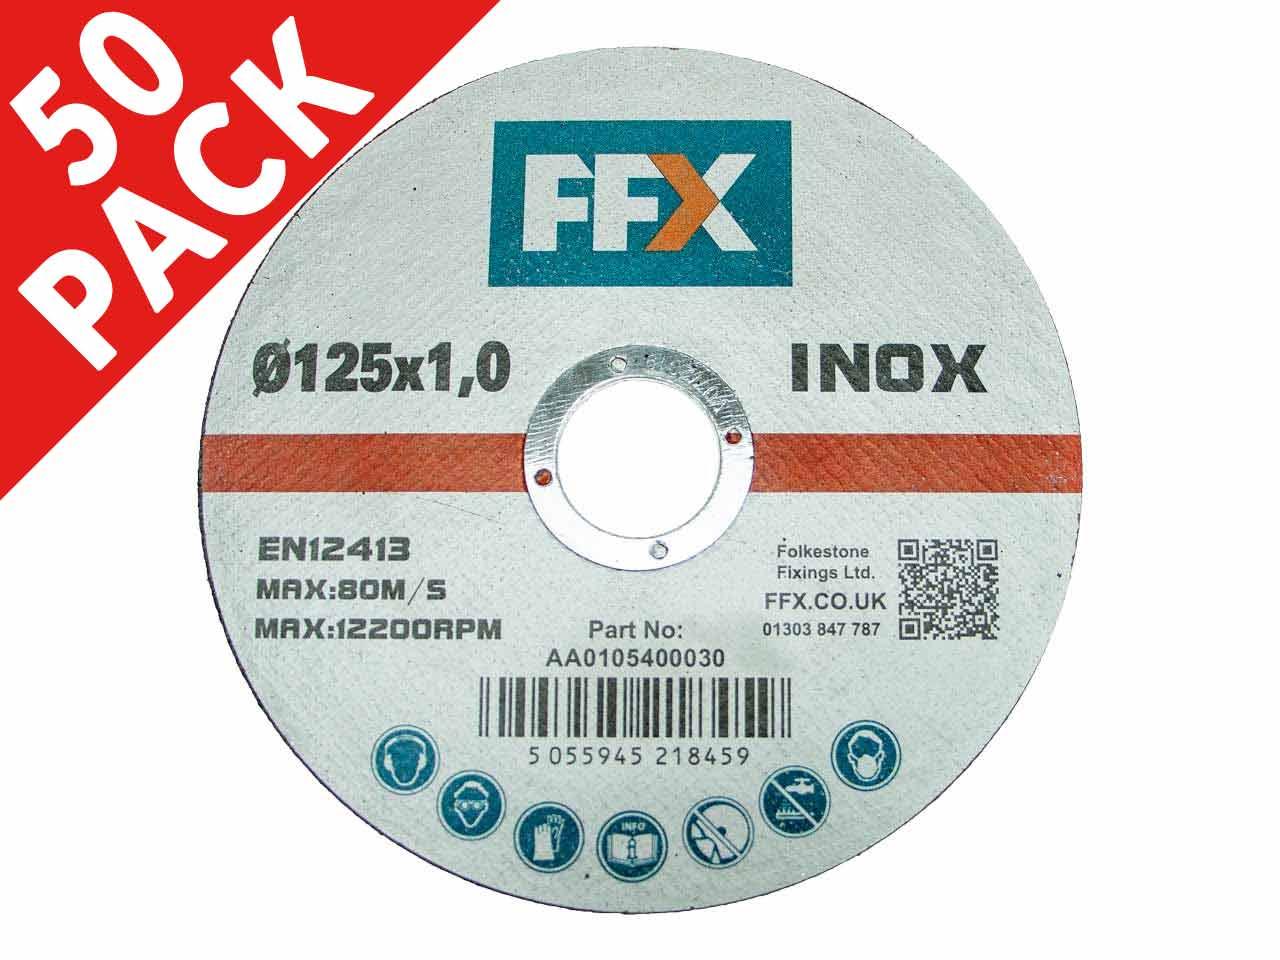 FFX_AA010540003050.jpg